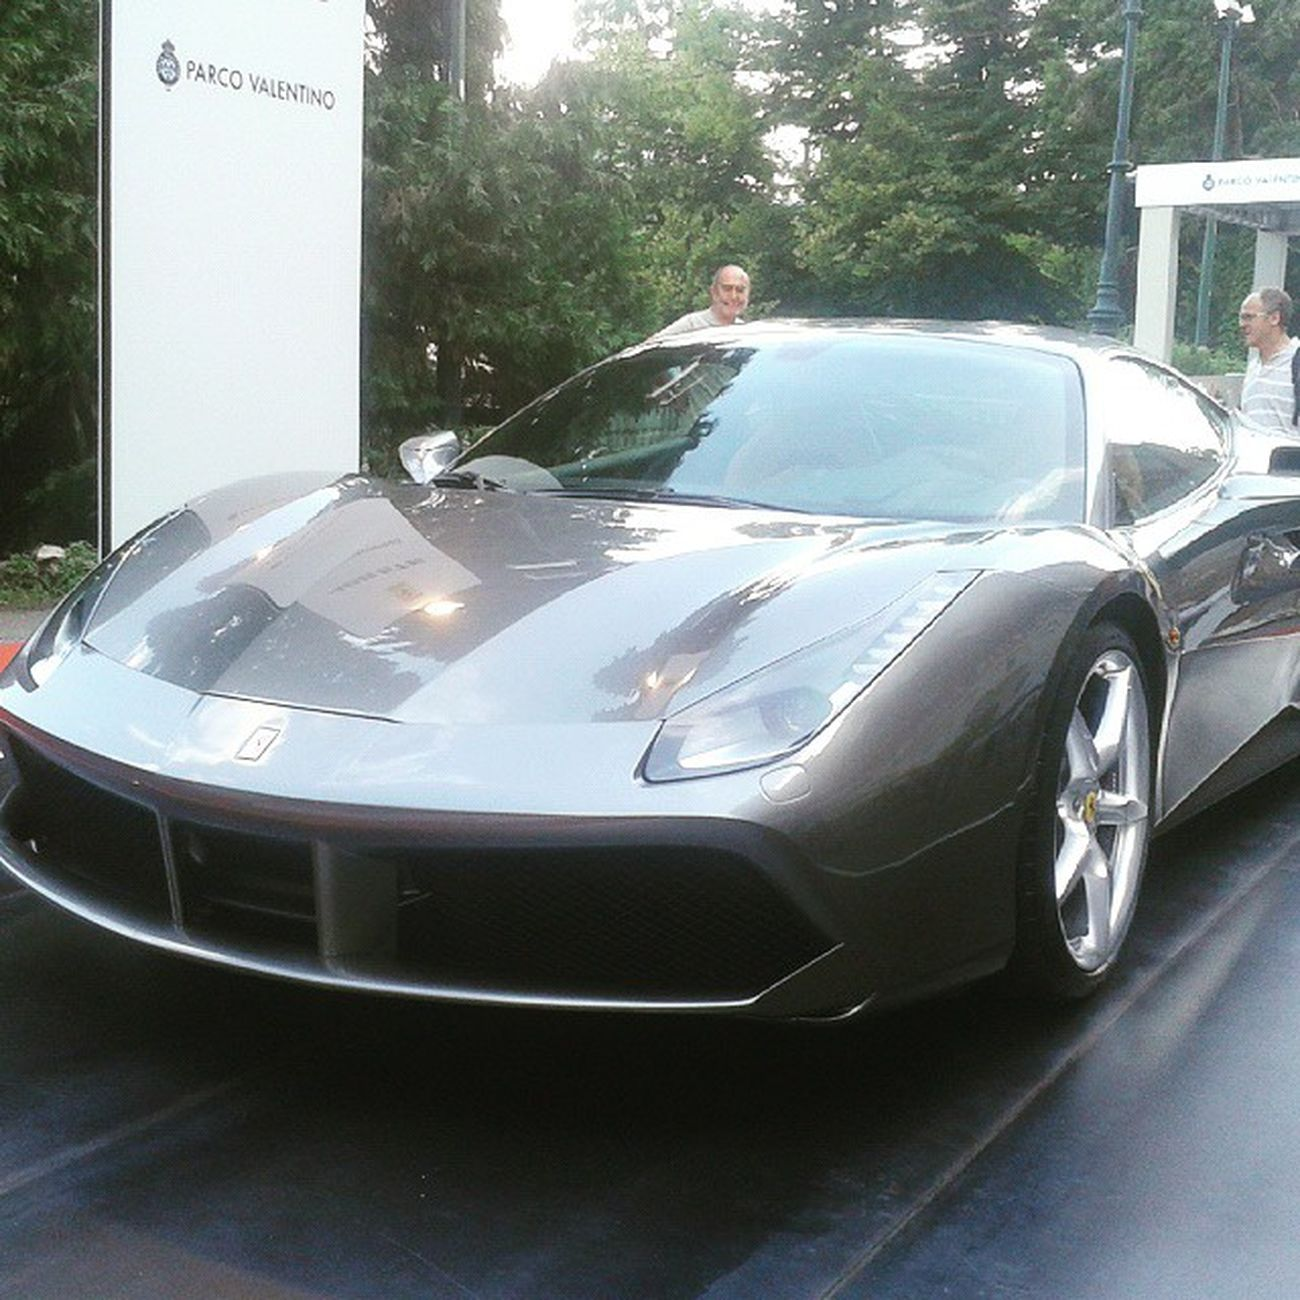 Ferrari 488 GTB Parcovalentino